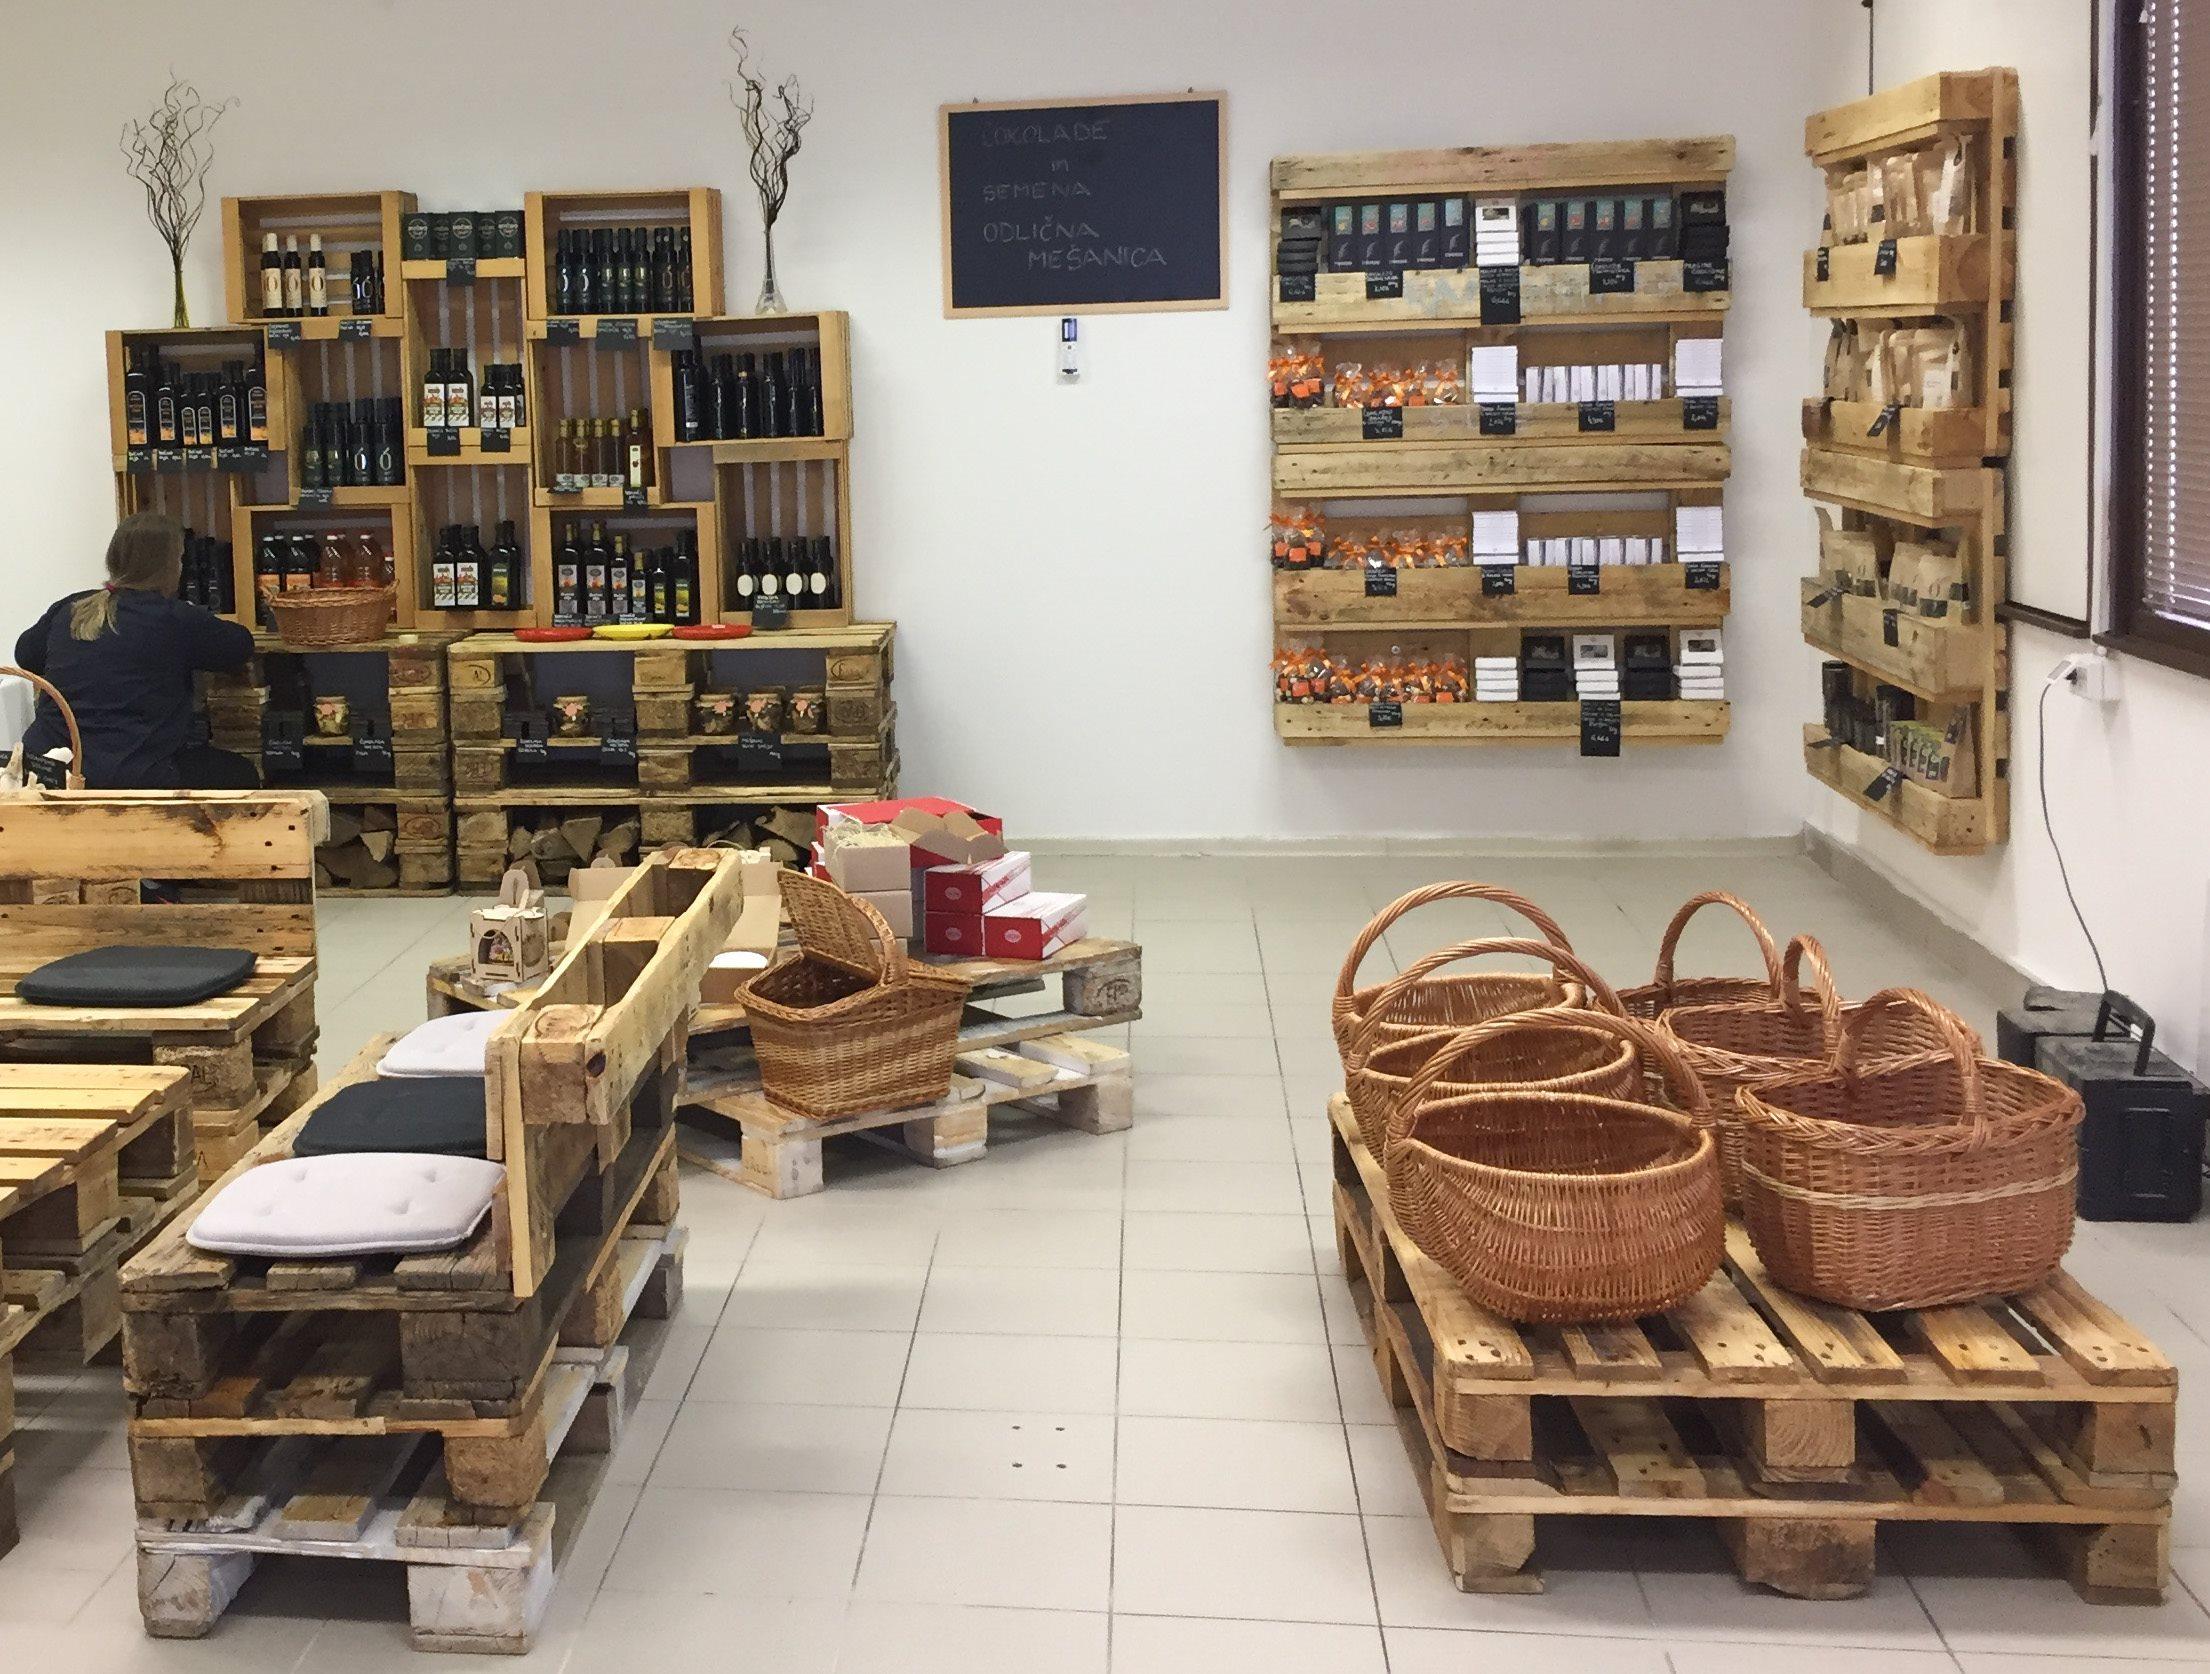 Trgovina ponuja širok nabor izdelkov in pridelkov slovenskih kmetij in predmetov Centra ponovne rabe.